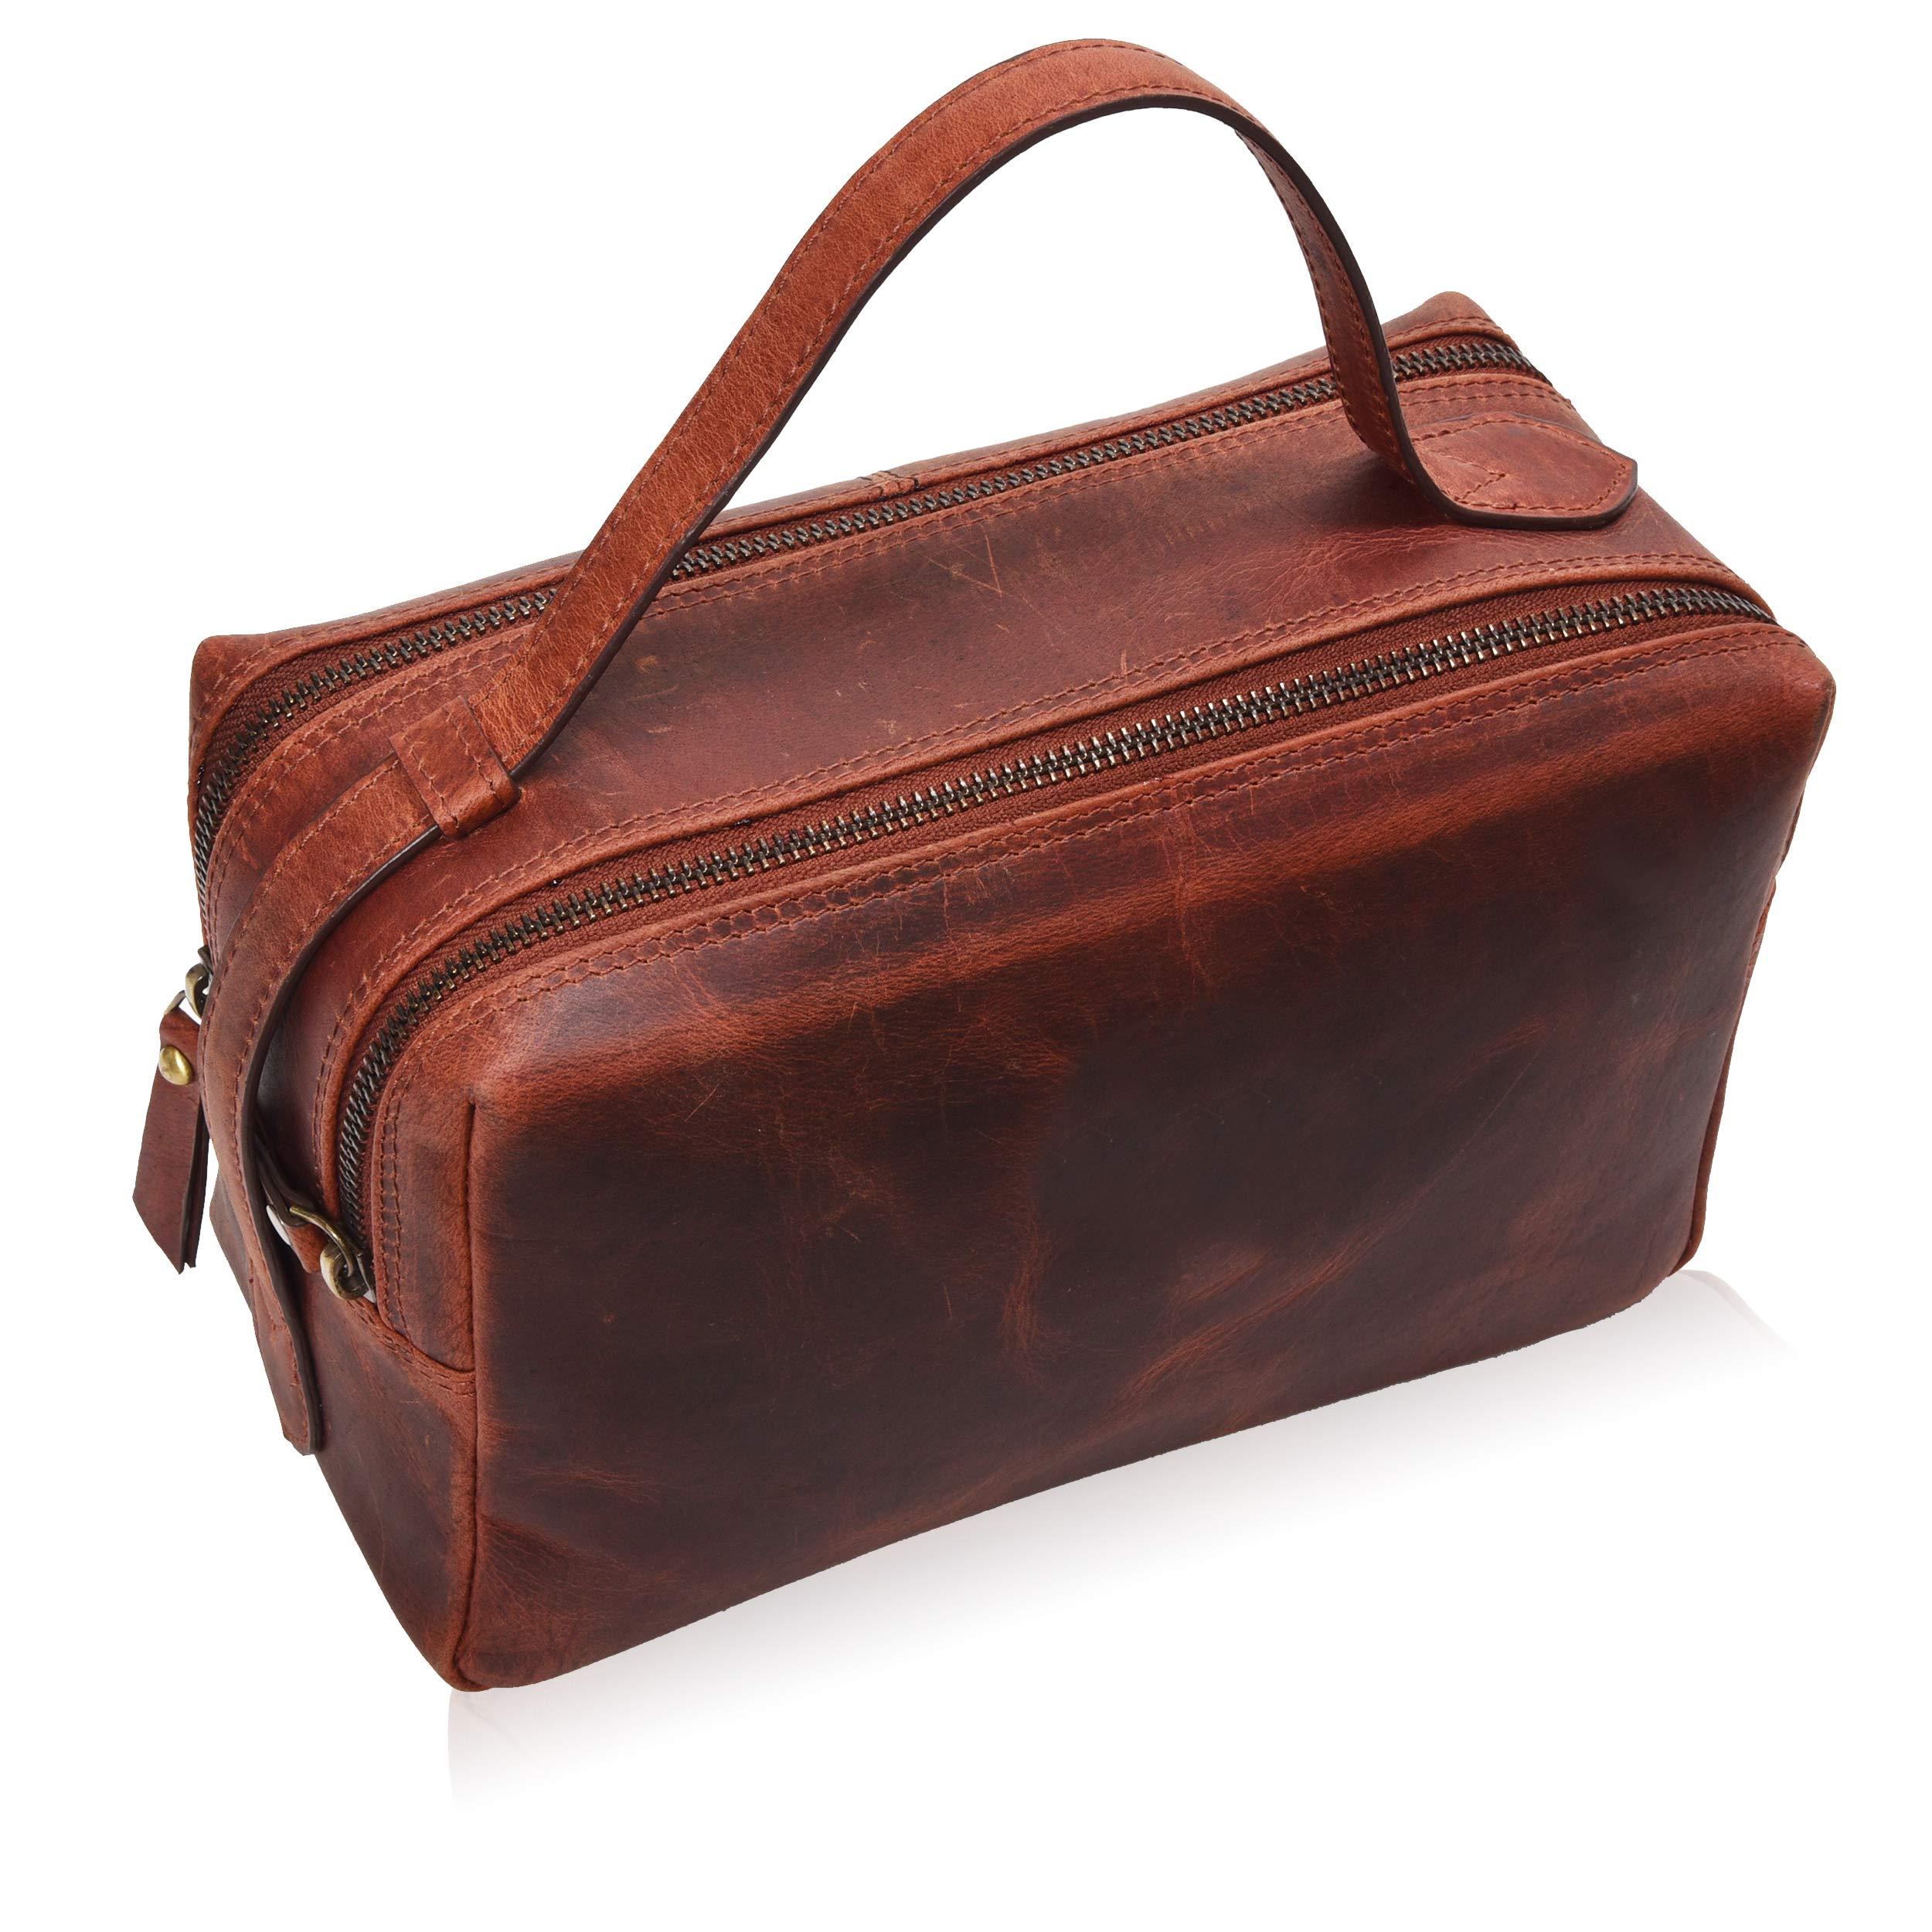 Estalon Leather Toiletry Bag for Men - Mens Dopp Kit Bathroom Shaving Bags Travel Case Men's Toiletries (Brown Crazy Horse)